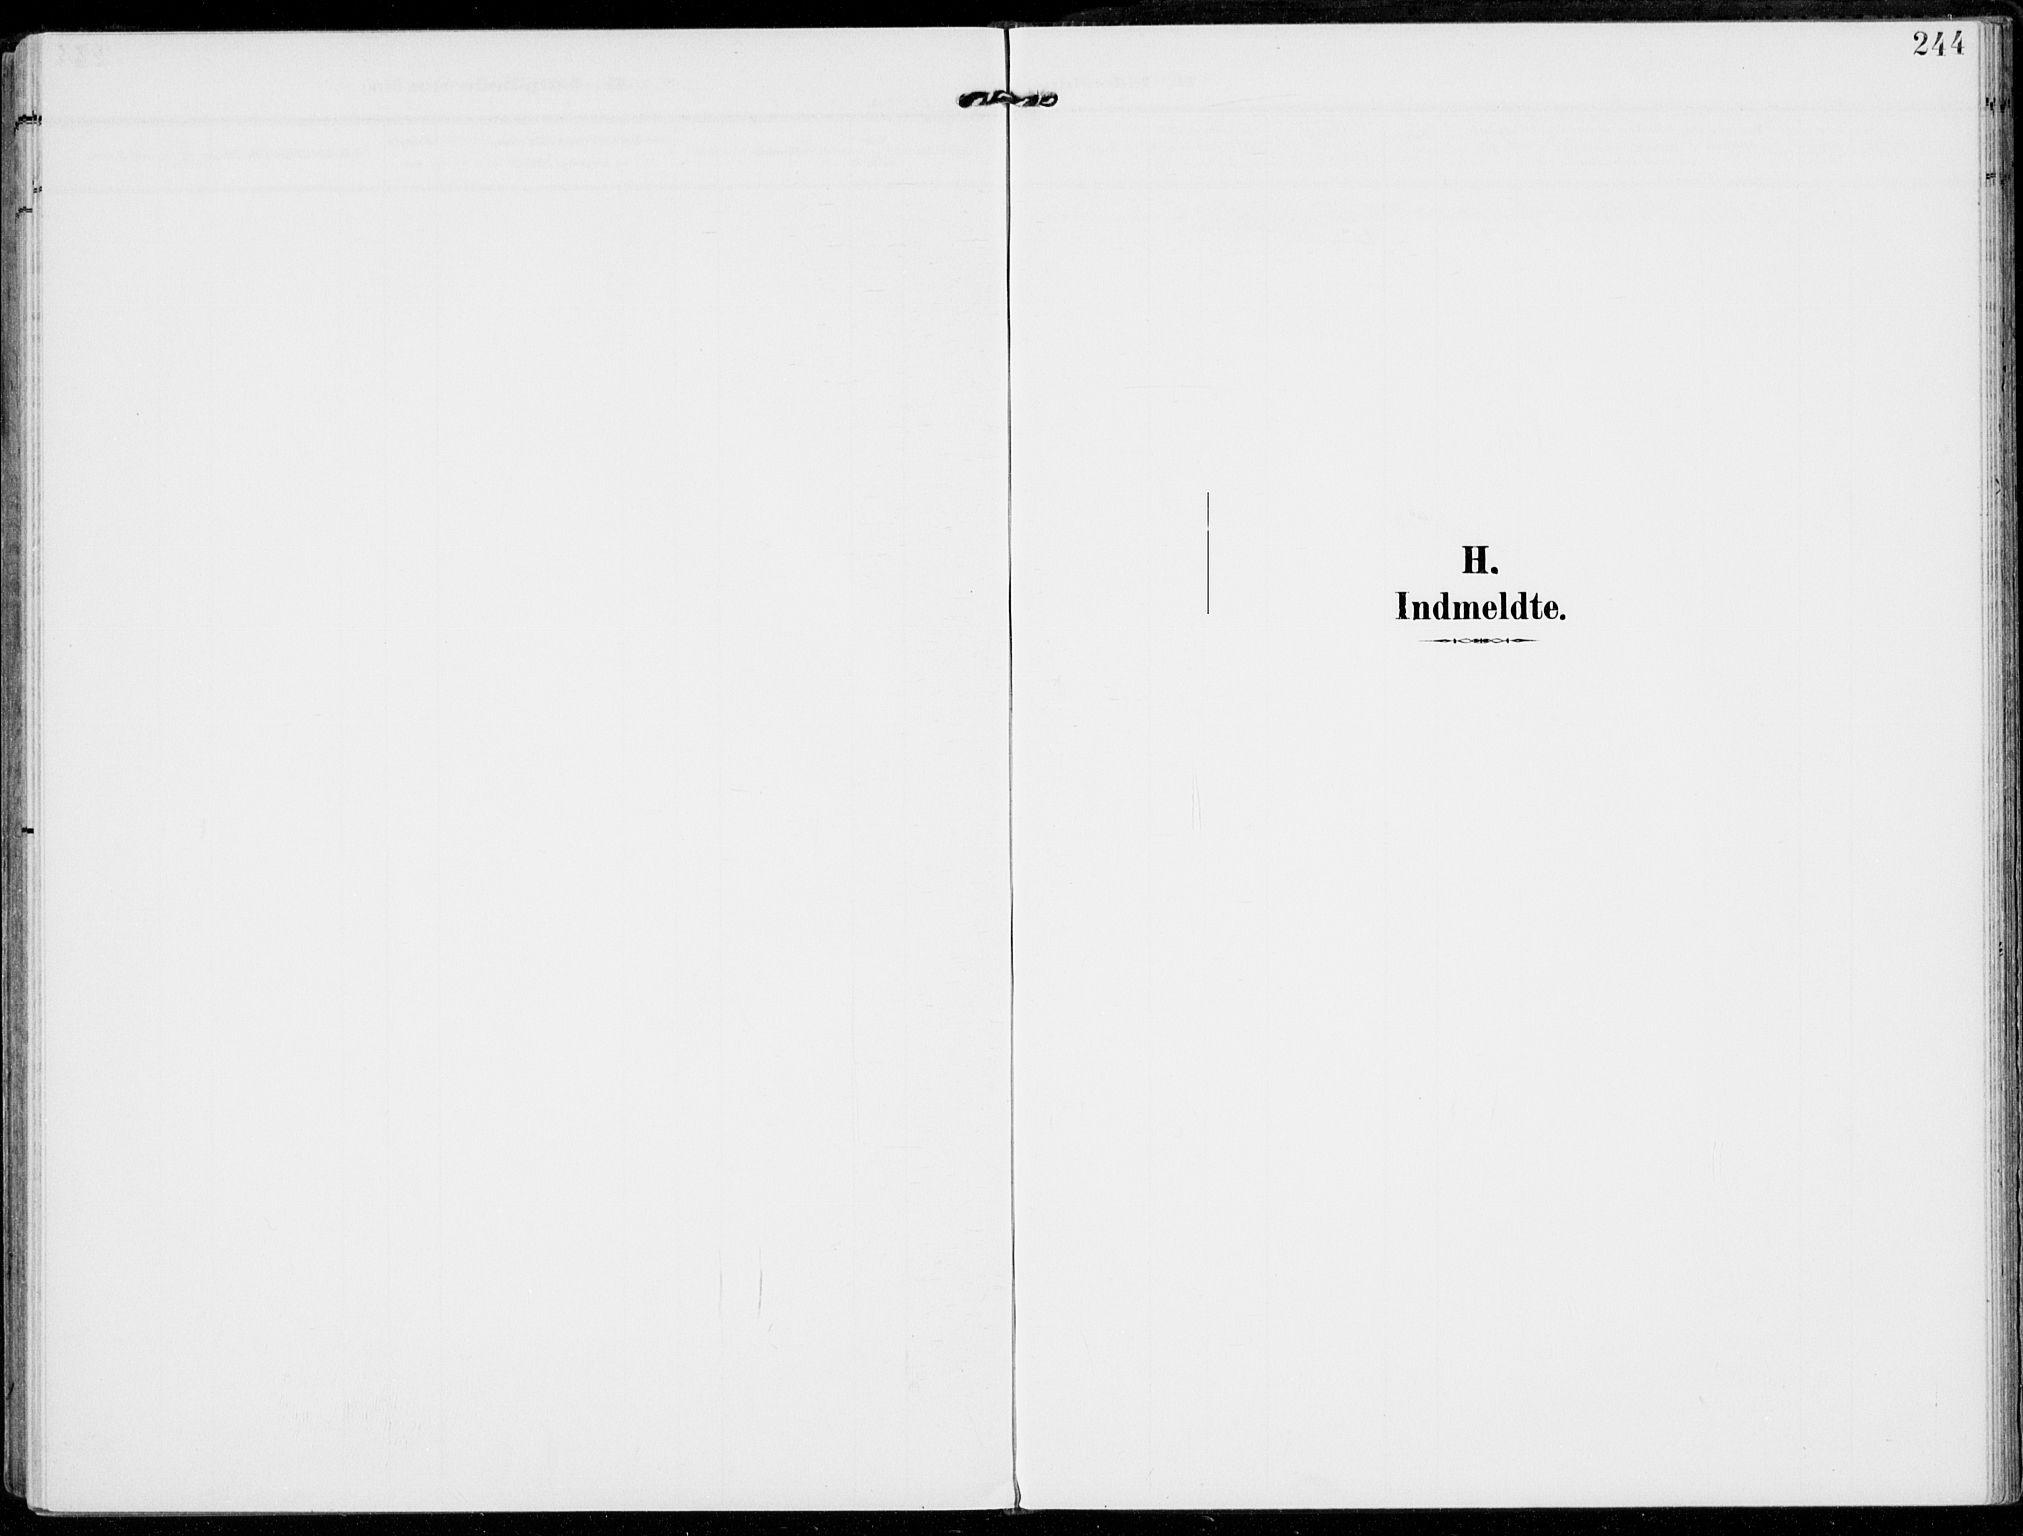 SAH, Alvdal prestekontor, Ministerialbok nr. 4, 1907-1919, s. 244